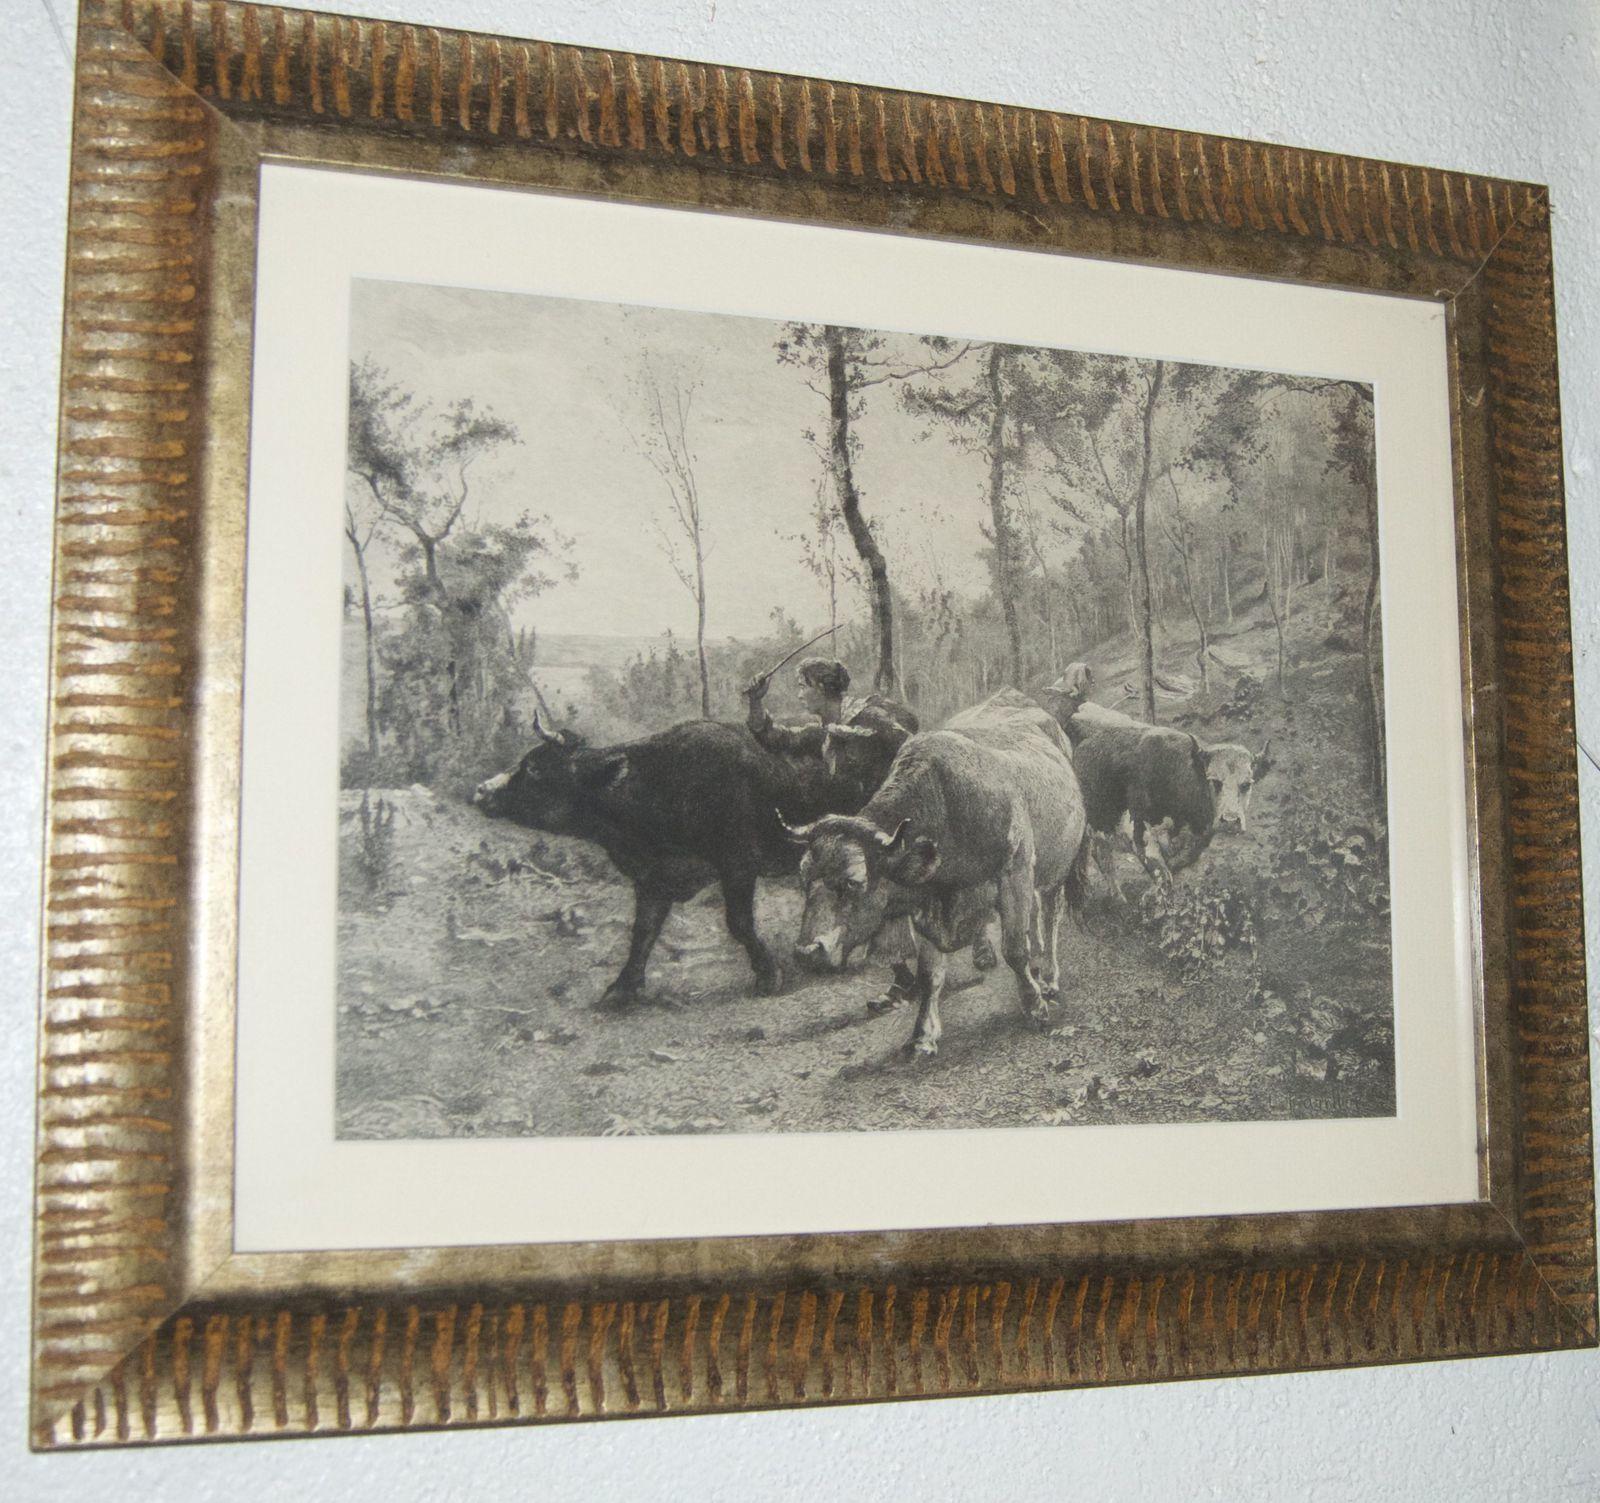 Alerte troupeau vaches taureaux. Eau forte d'Alfred Boilot d'après Léon Barillot.